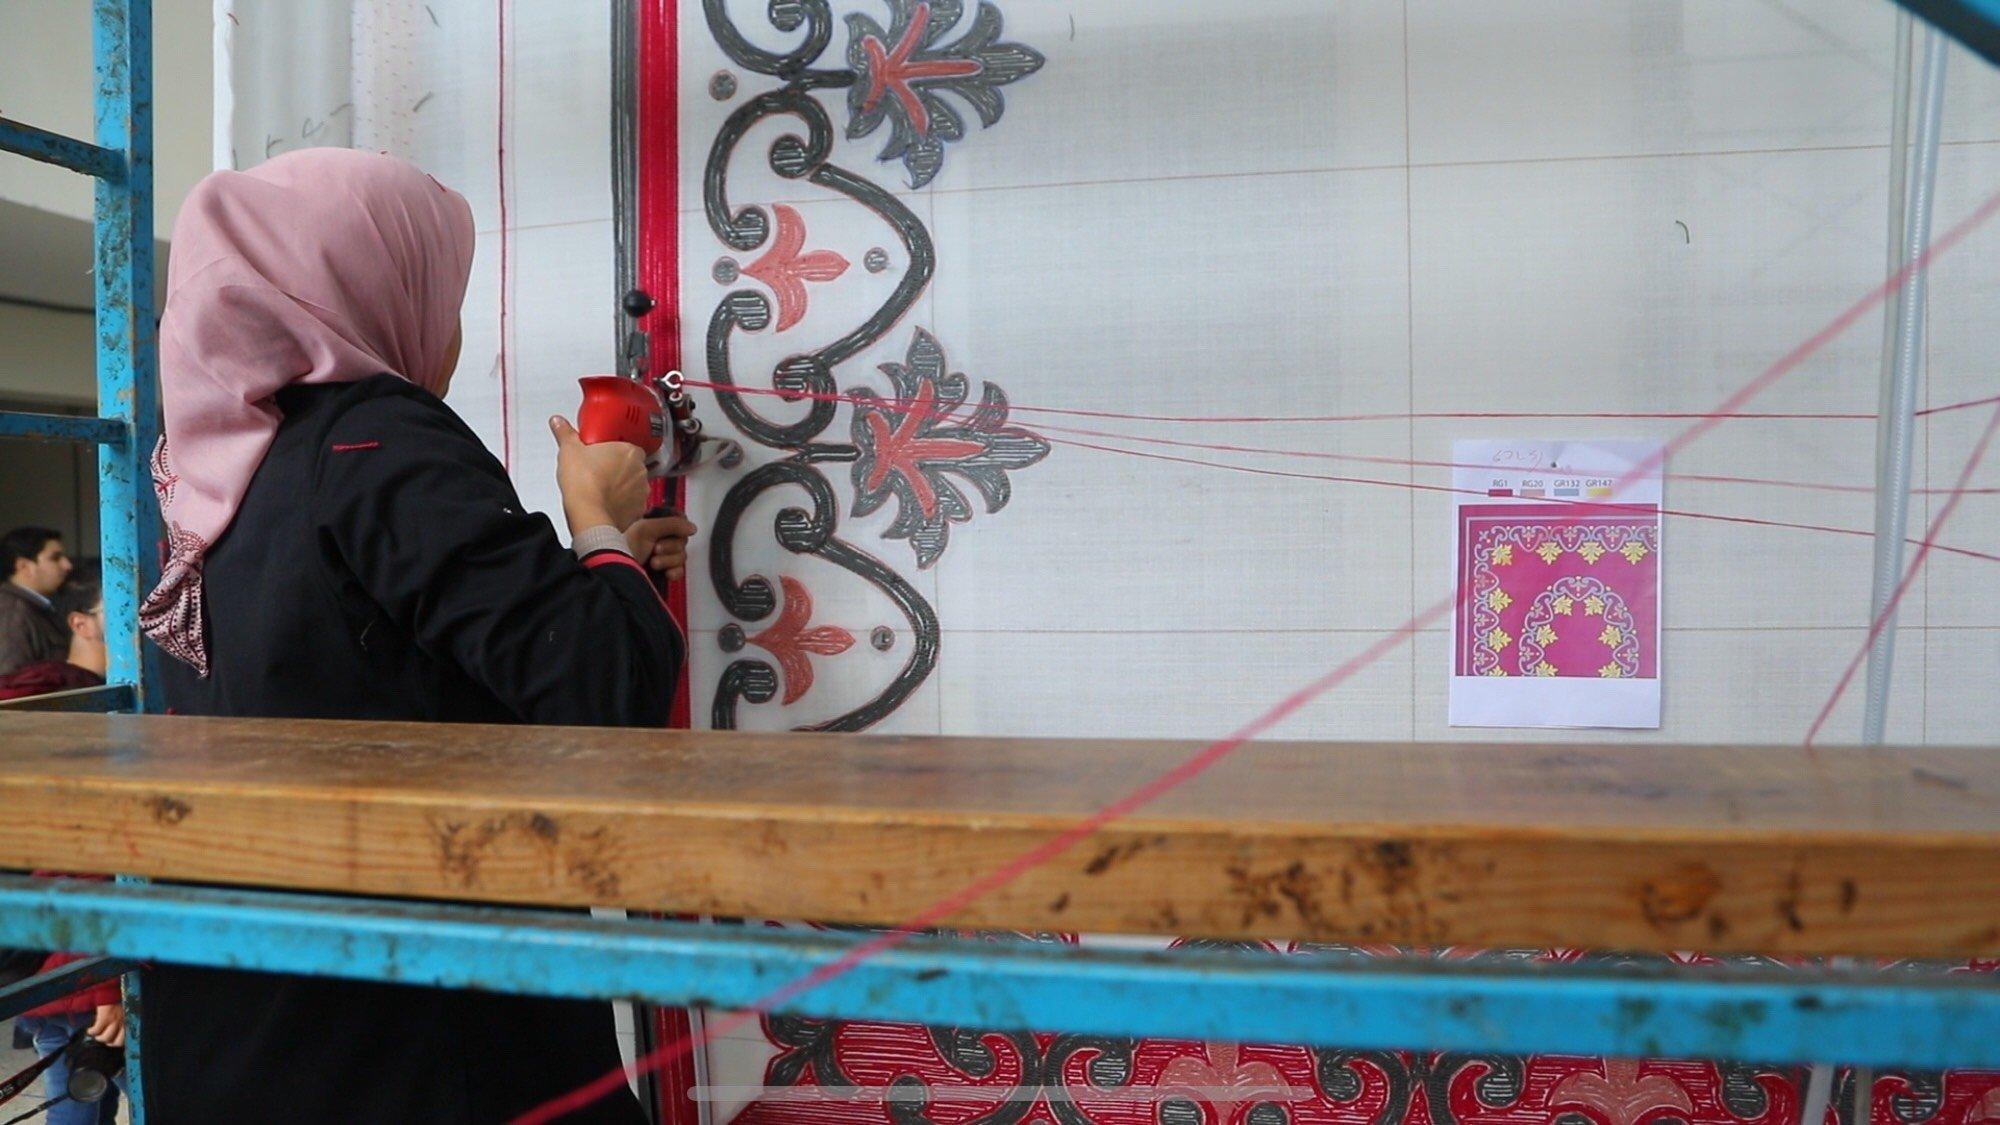 Dans une dynamique d'expansion, Artco présente sa nouvelle unité de production de tapis à